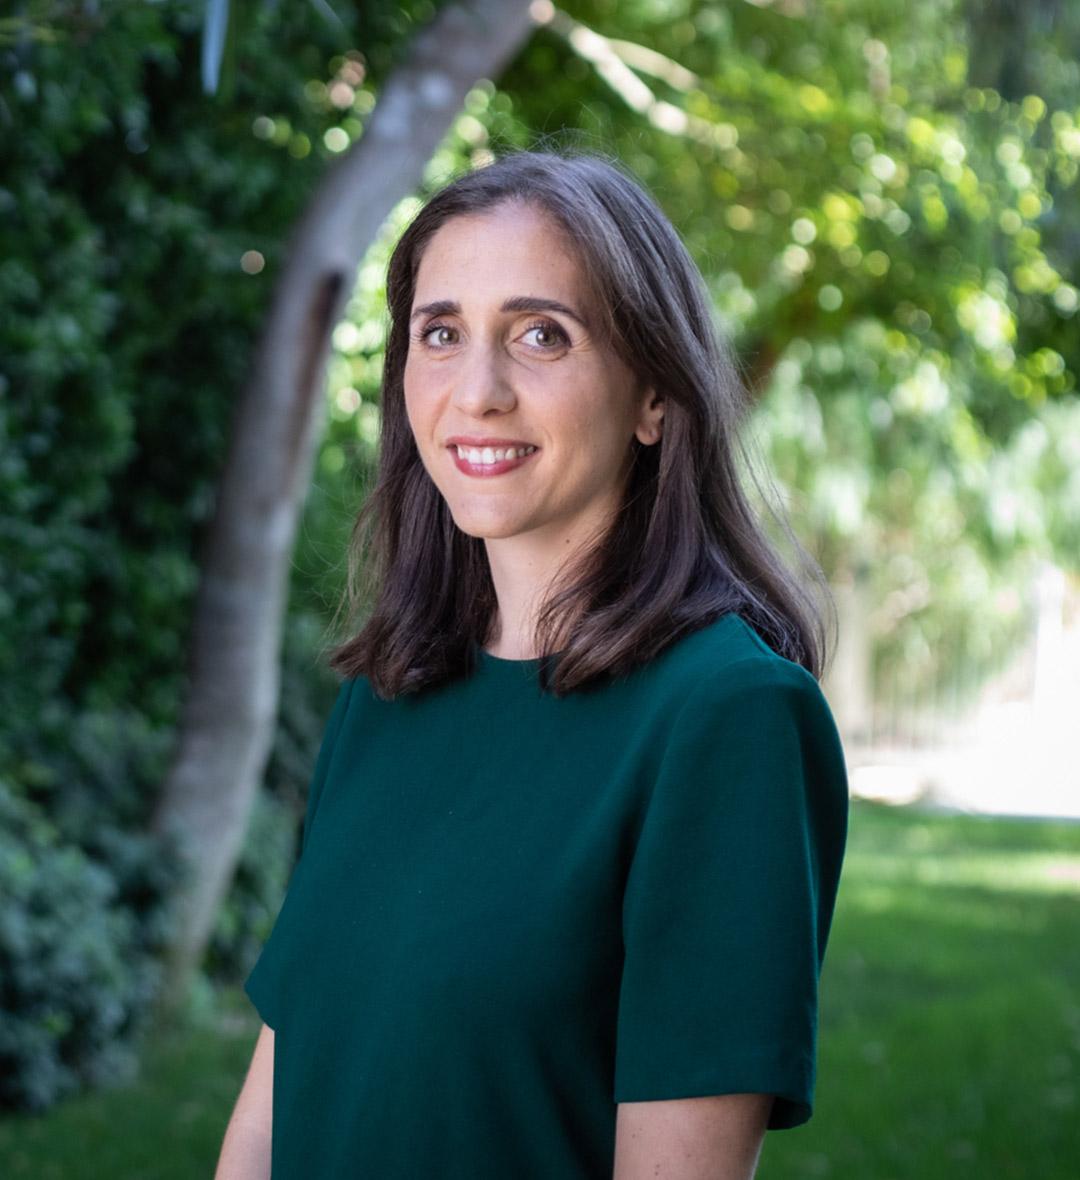 Sarah Assouline